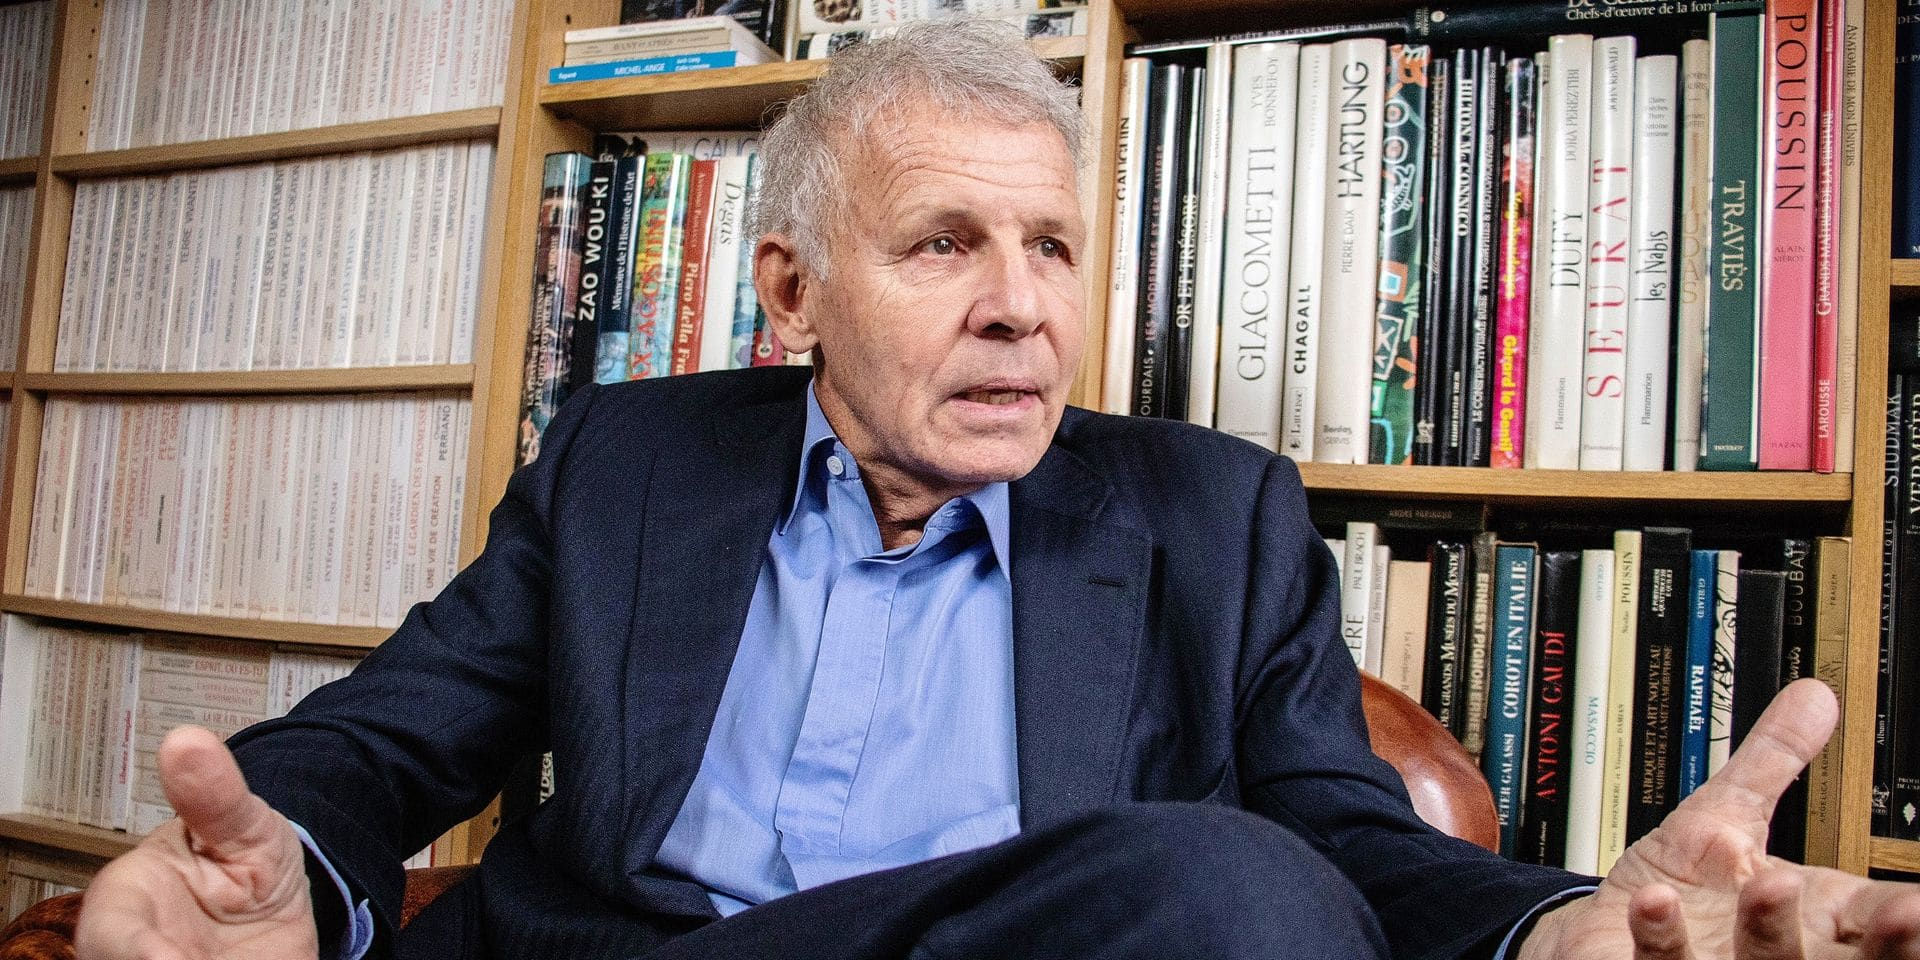 Patrick Poivre d'Arvor accusé de viols par une écrivaine : il fait l'objet d'une enquête par le parquet de Nanterre